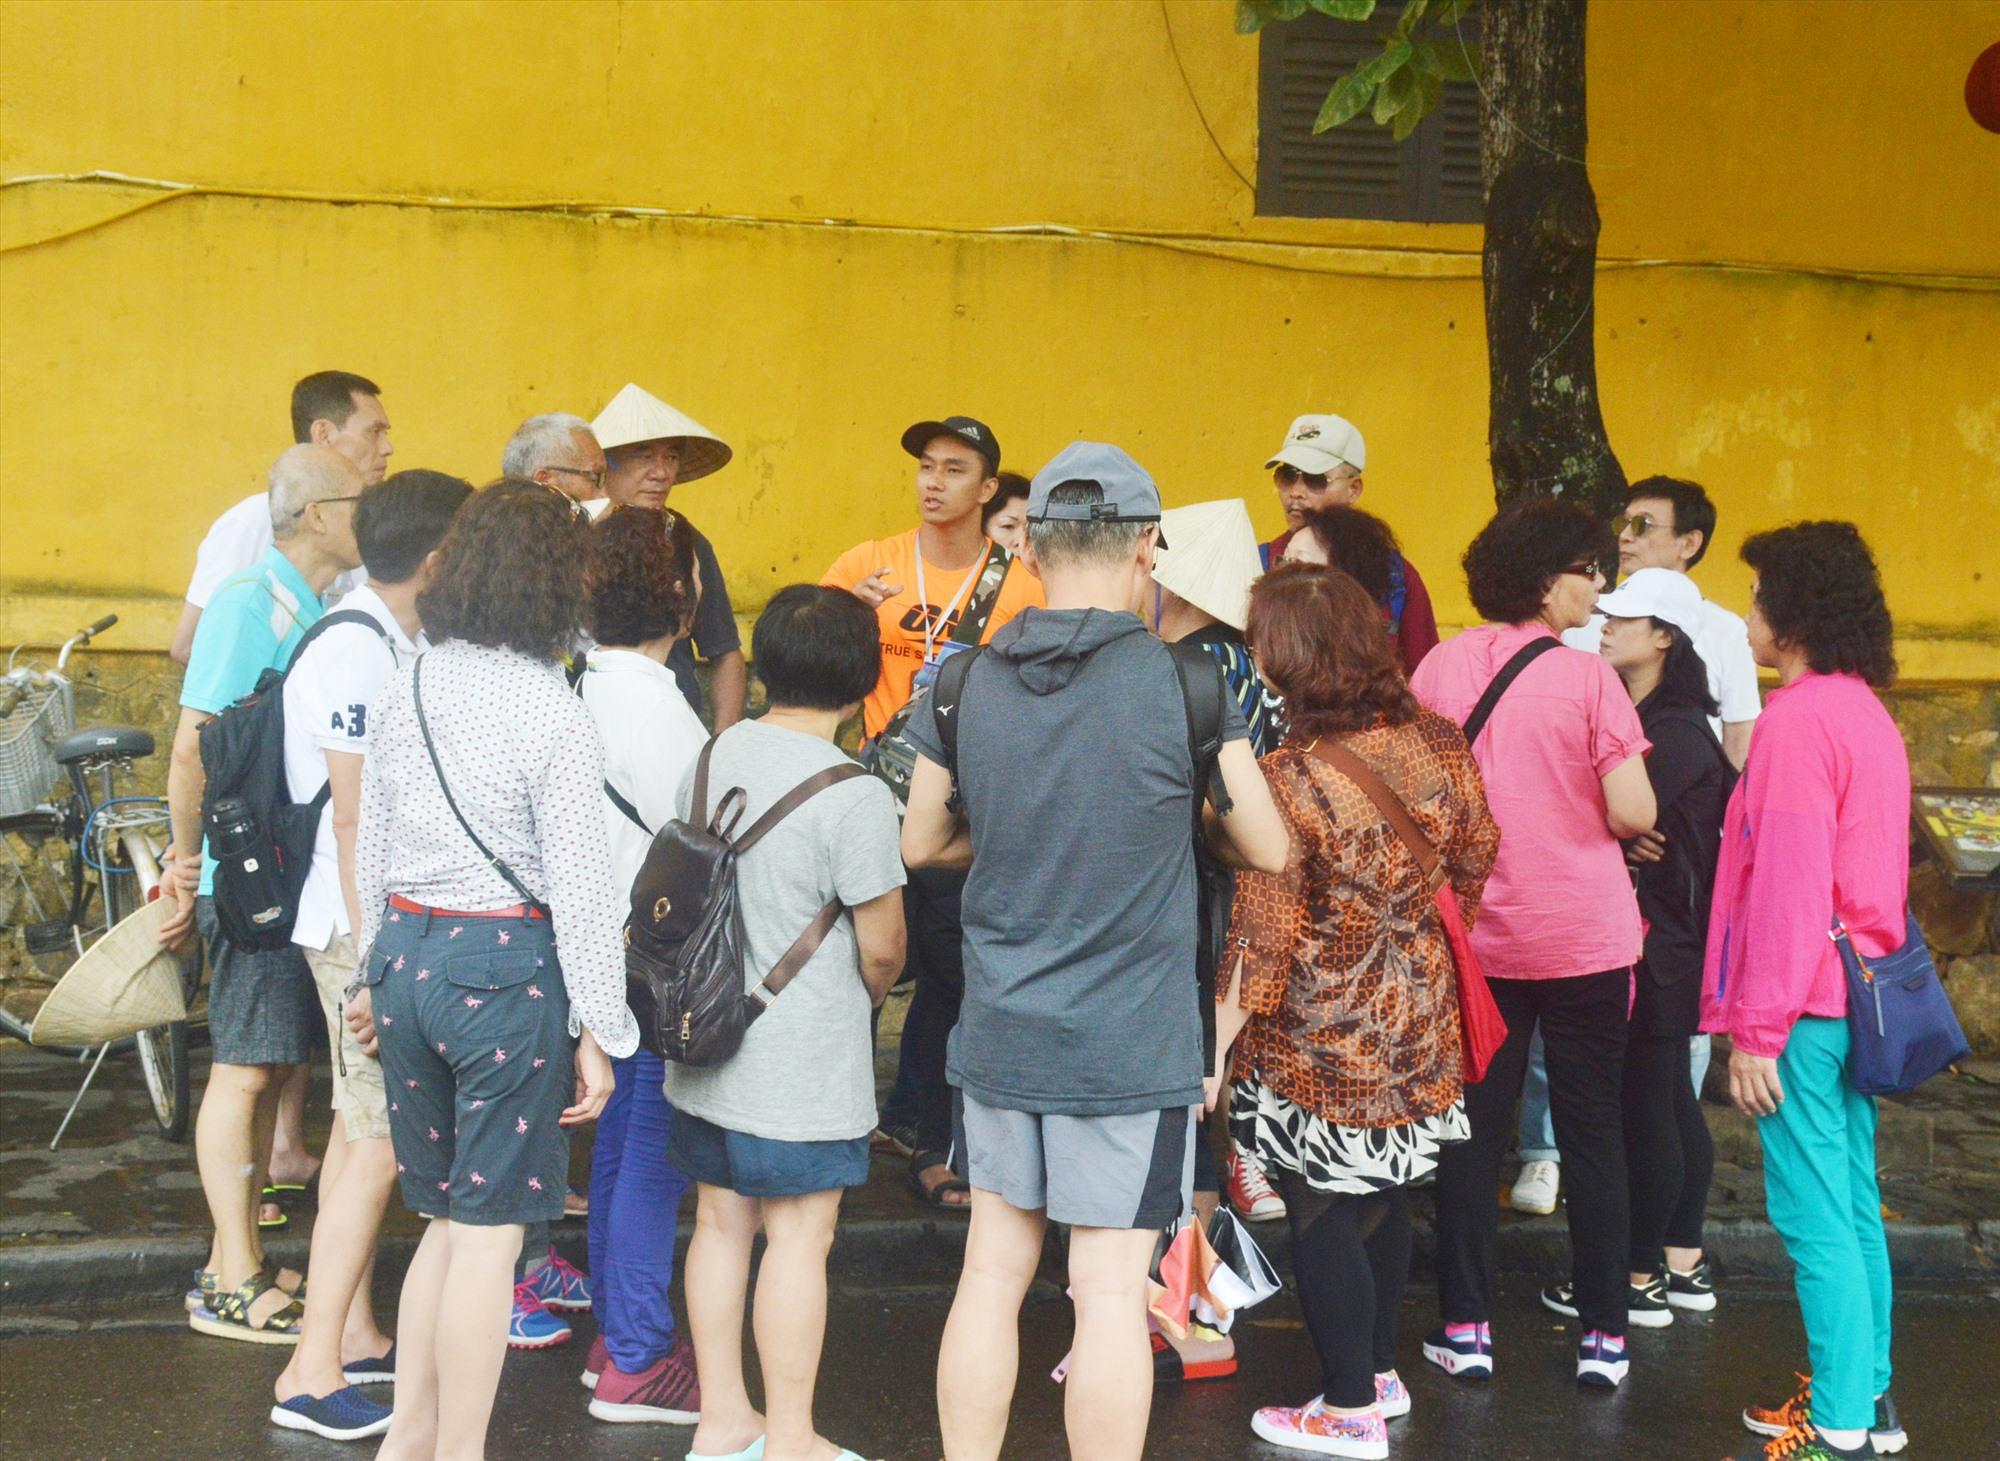 Nghề hướng dẫn viên du lịch bị ảnh hưởng nặng nề bởi dịch corona. Ảnh: Q.T